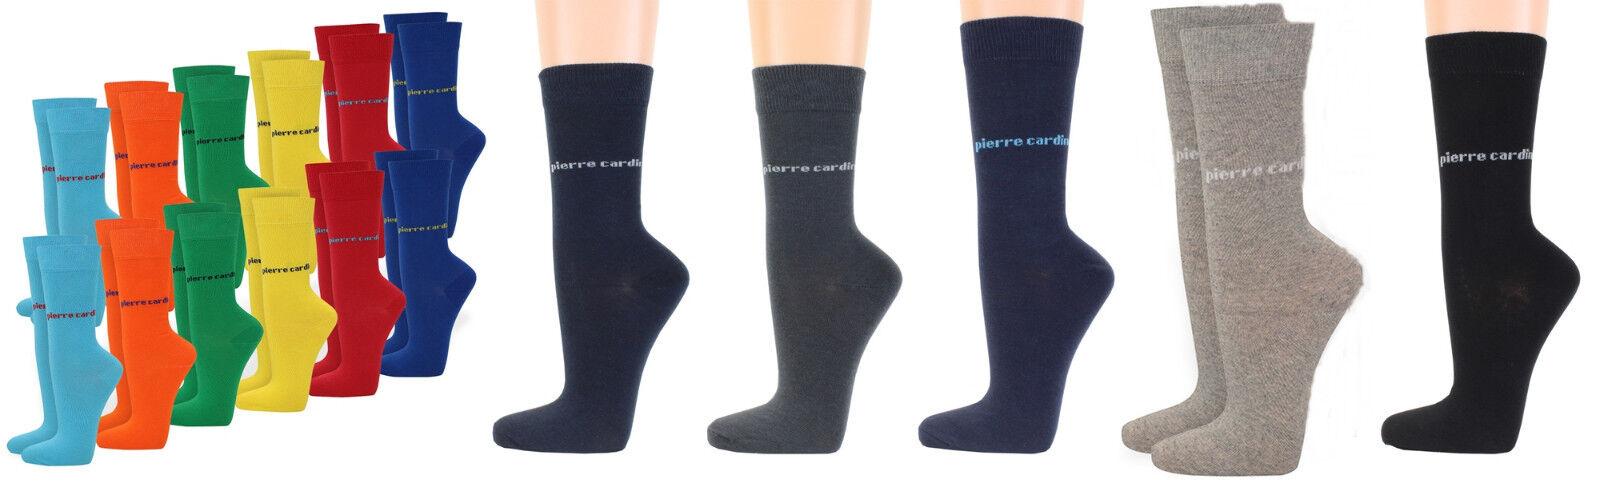 Pierre Cardin 4 Paar farbige Herrensocken Socken Business Gr 39 42 oder 43 46